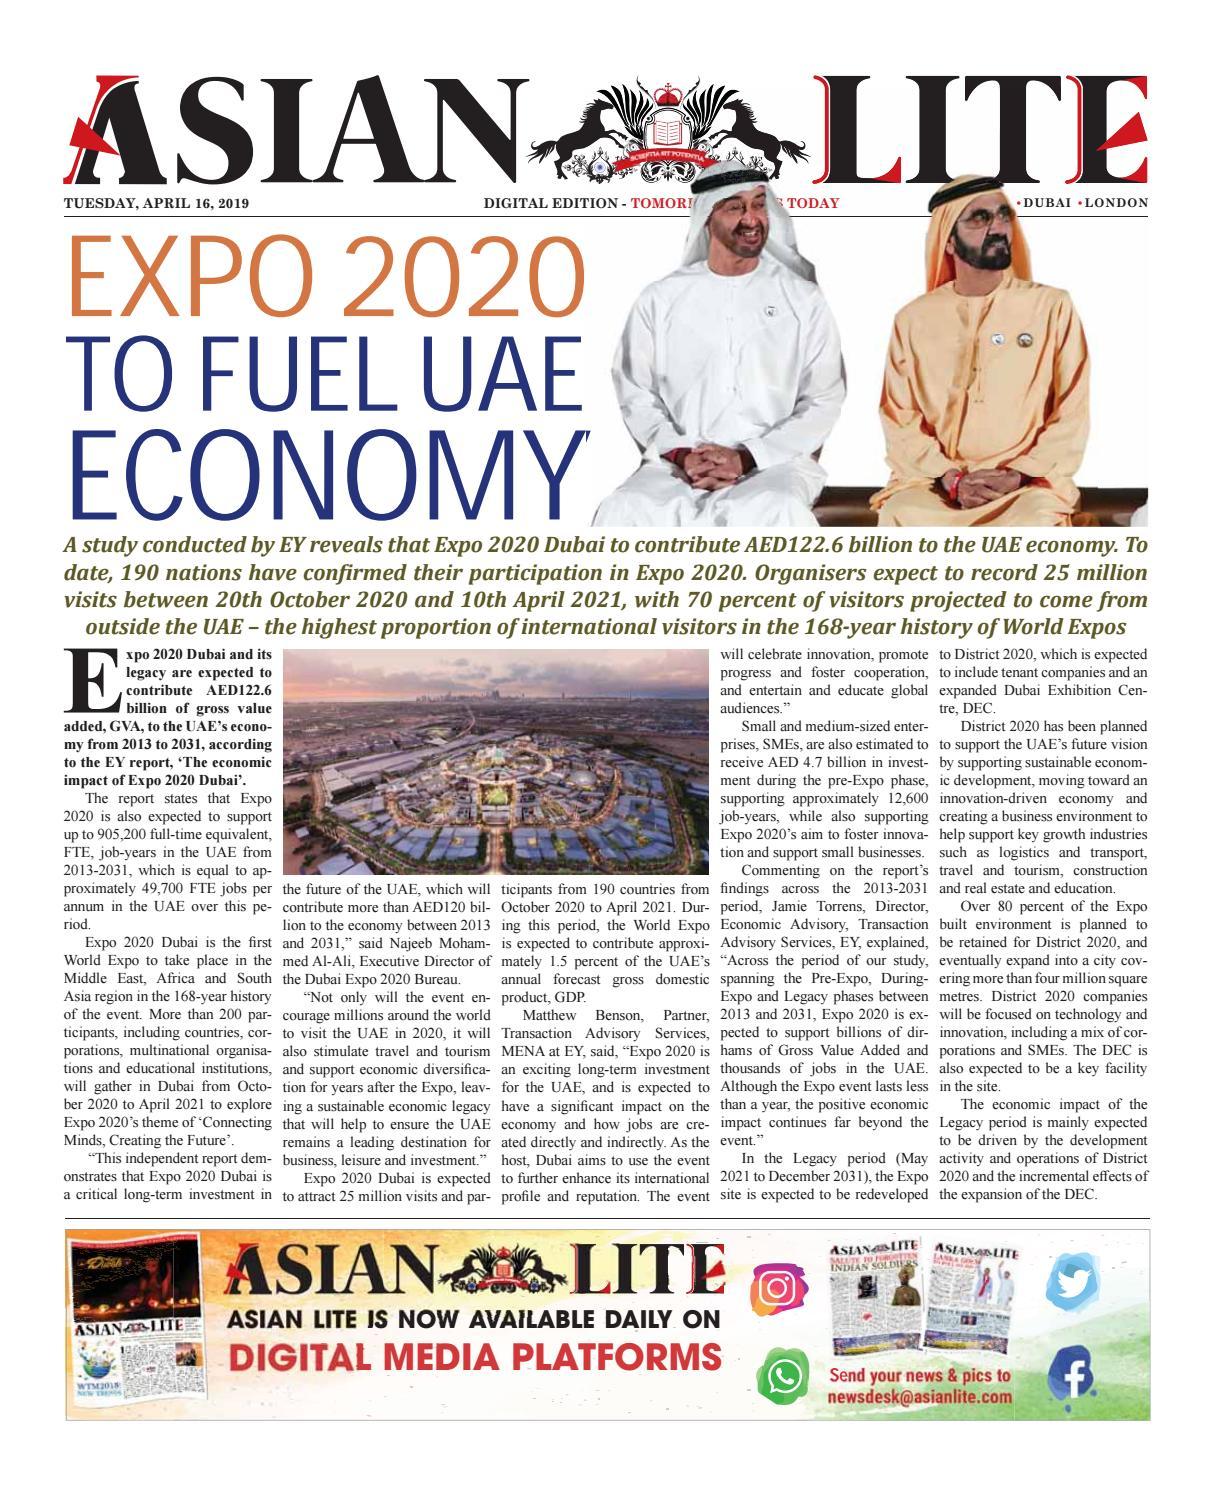 Asian Lite Daily Digital - April 16, 2019 by beneeksiraj - issuu